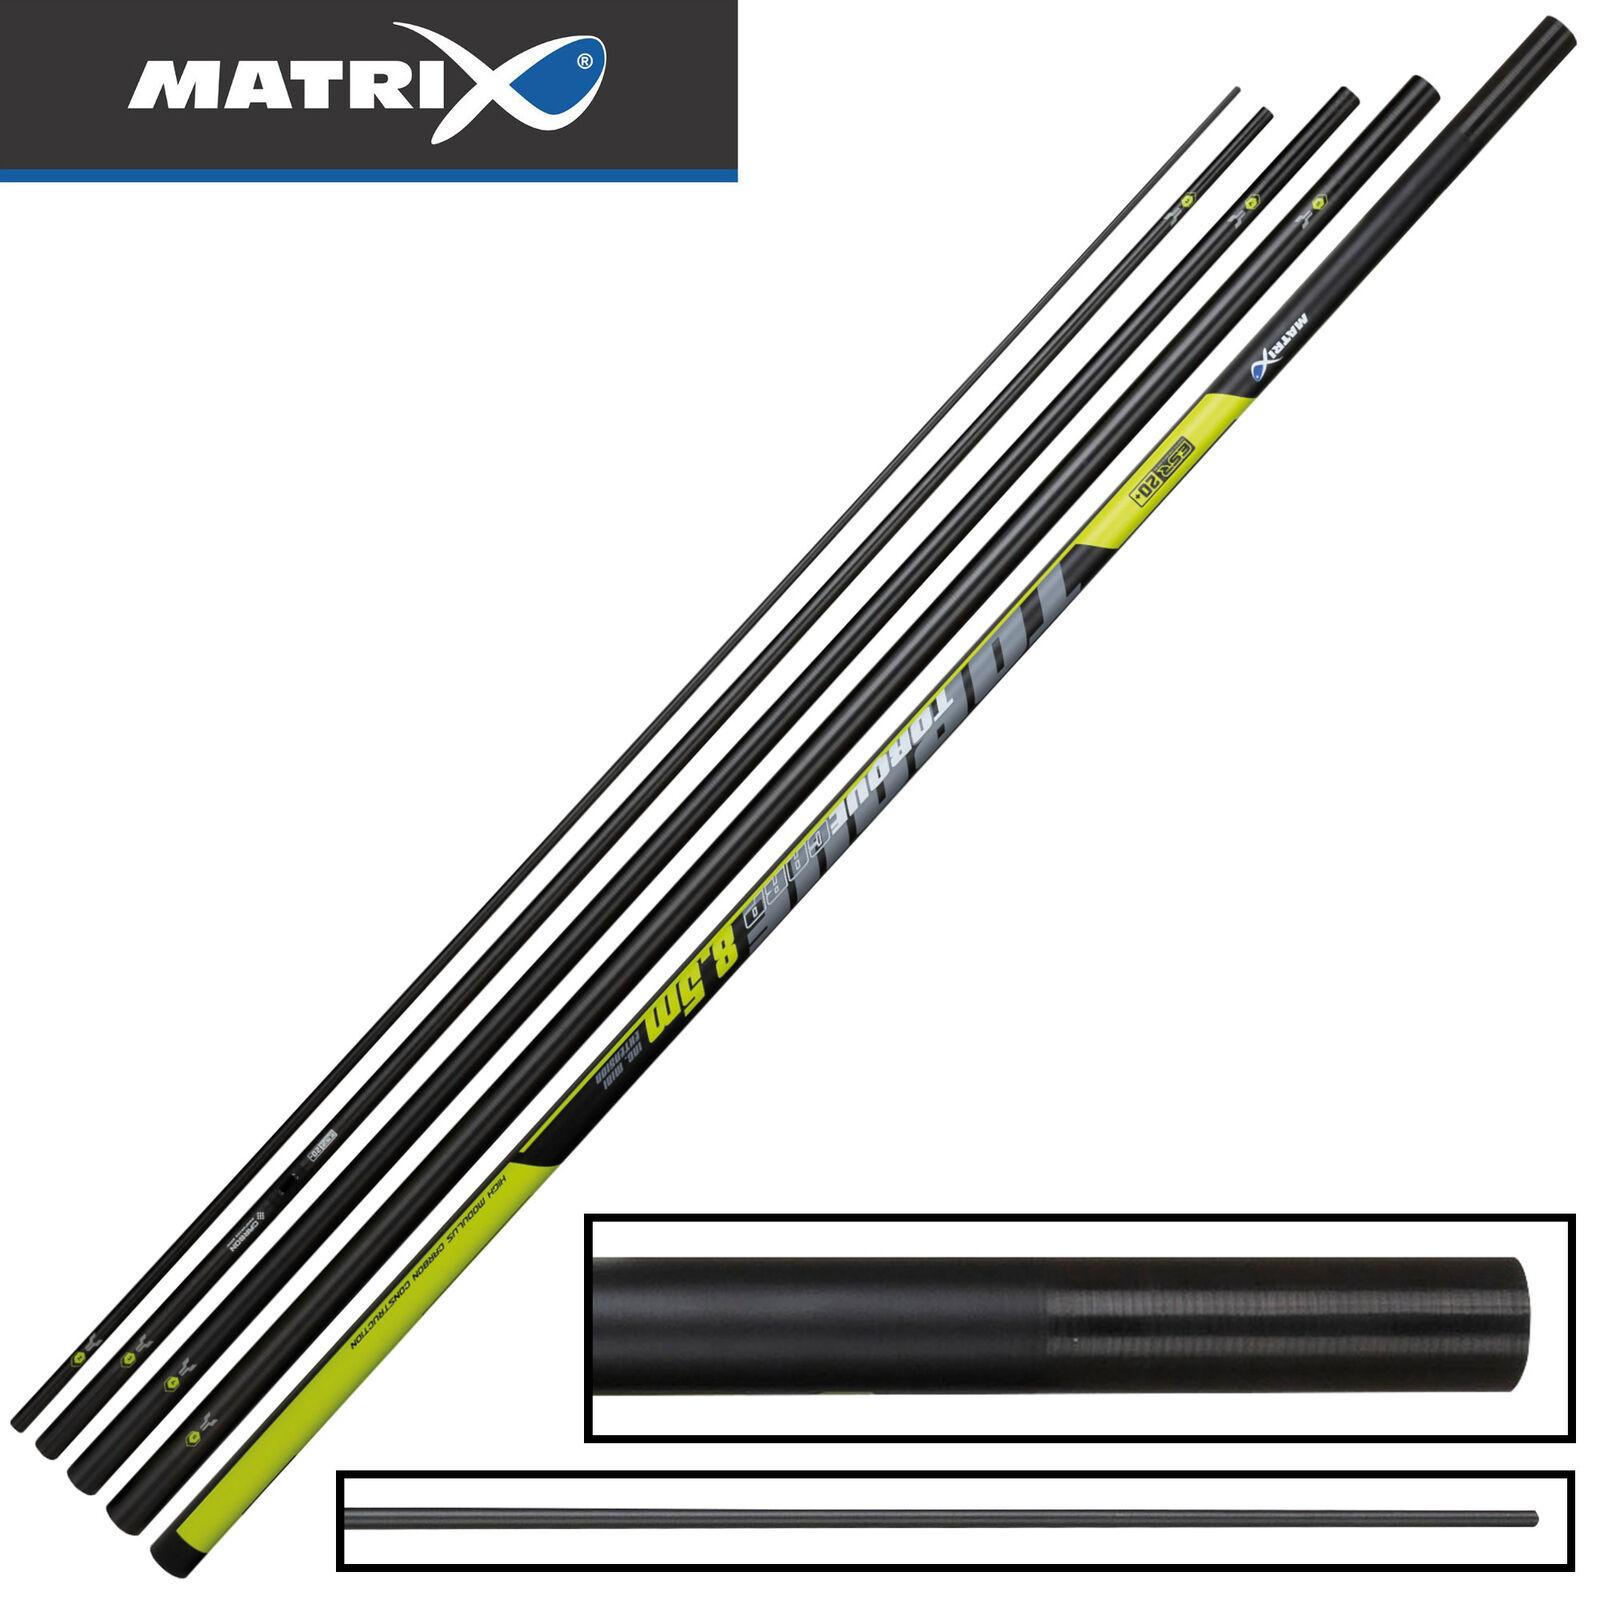 Fox Matrix Torque Carp Pole 8,5m - Stipprute, Friedfischrute, Kopfrute